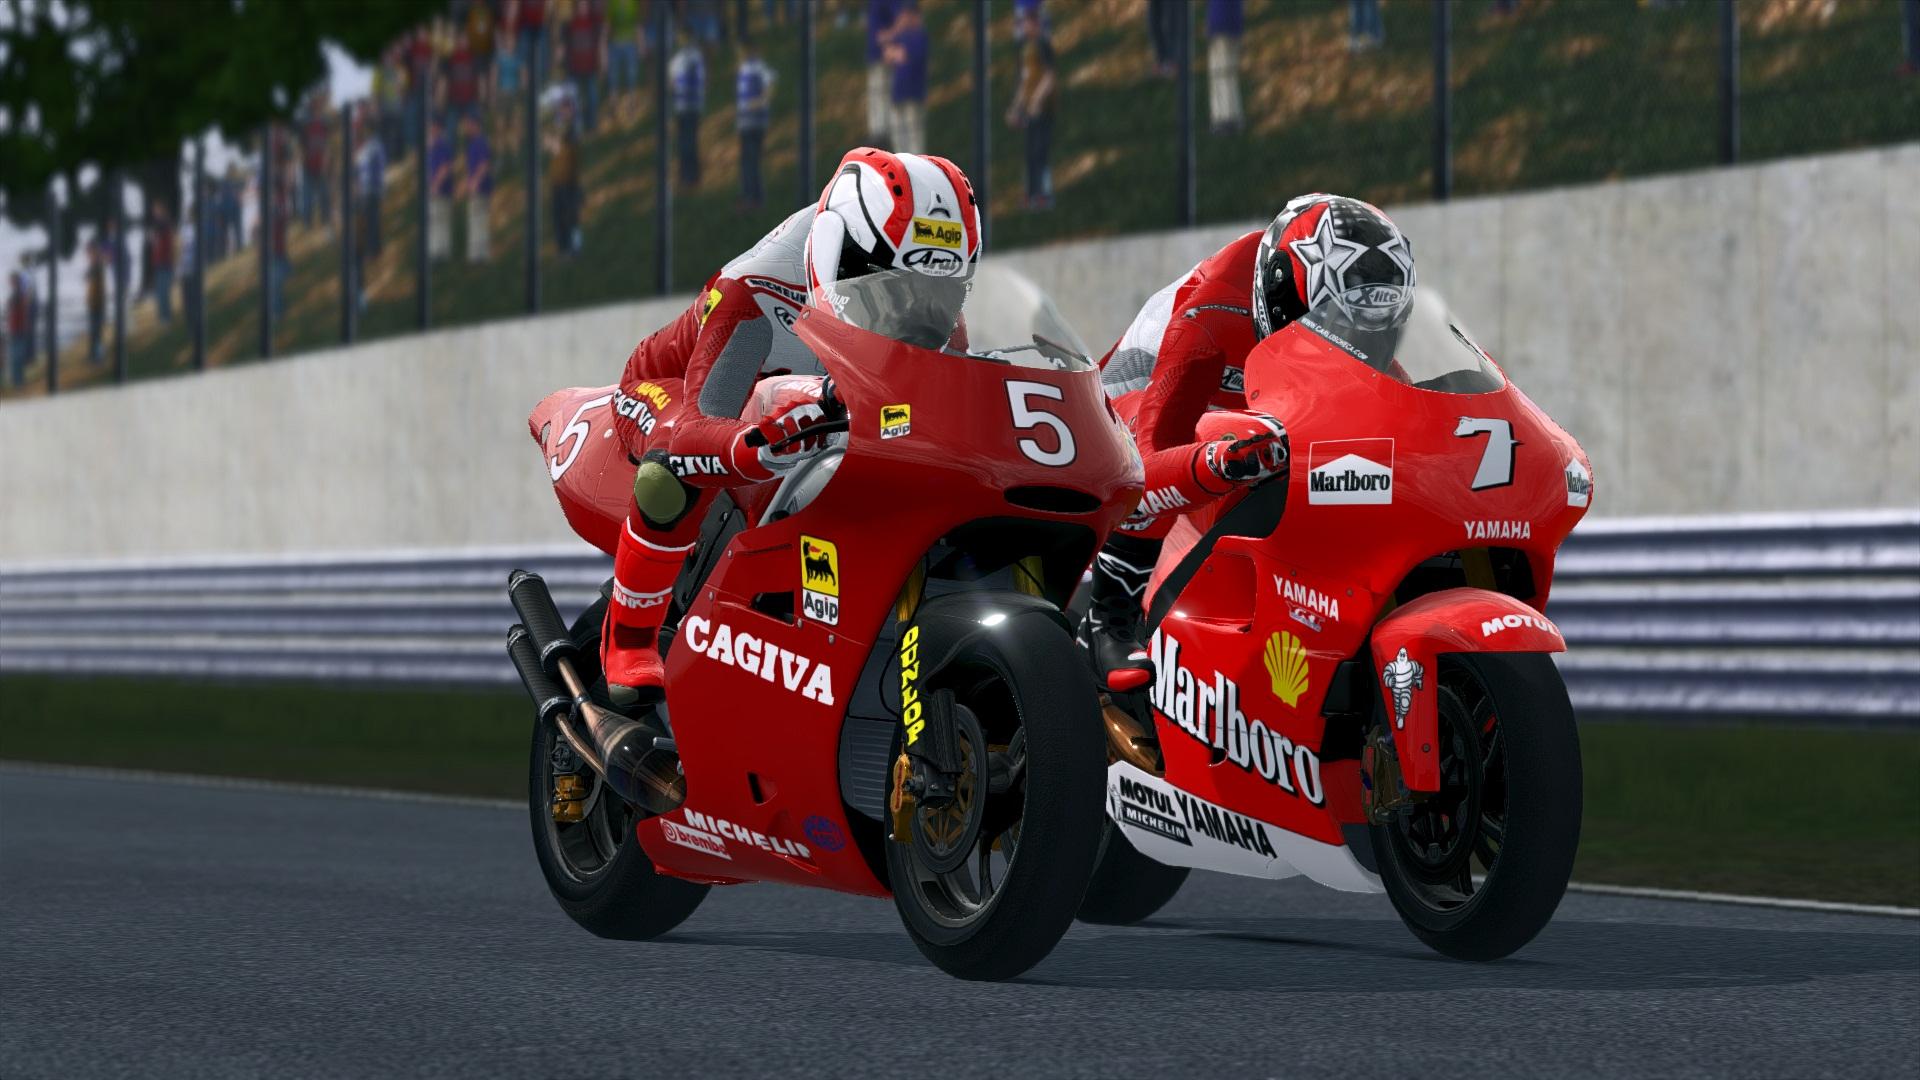 MotoGP14X64.exe_DX11_20140728_214328.jpg